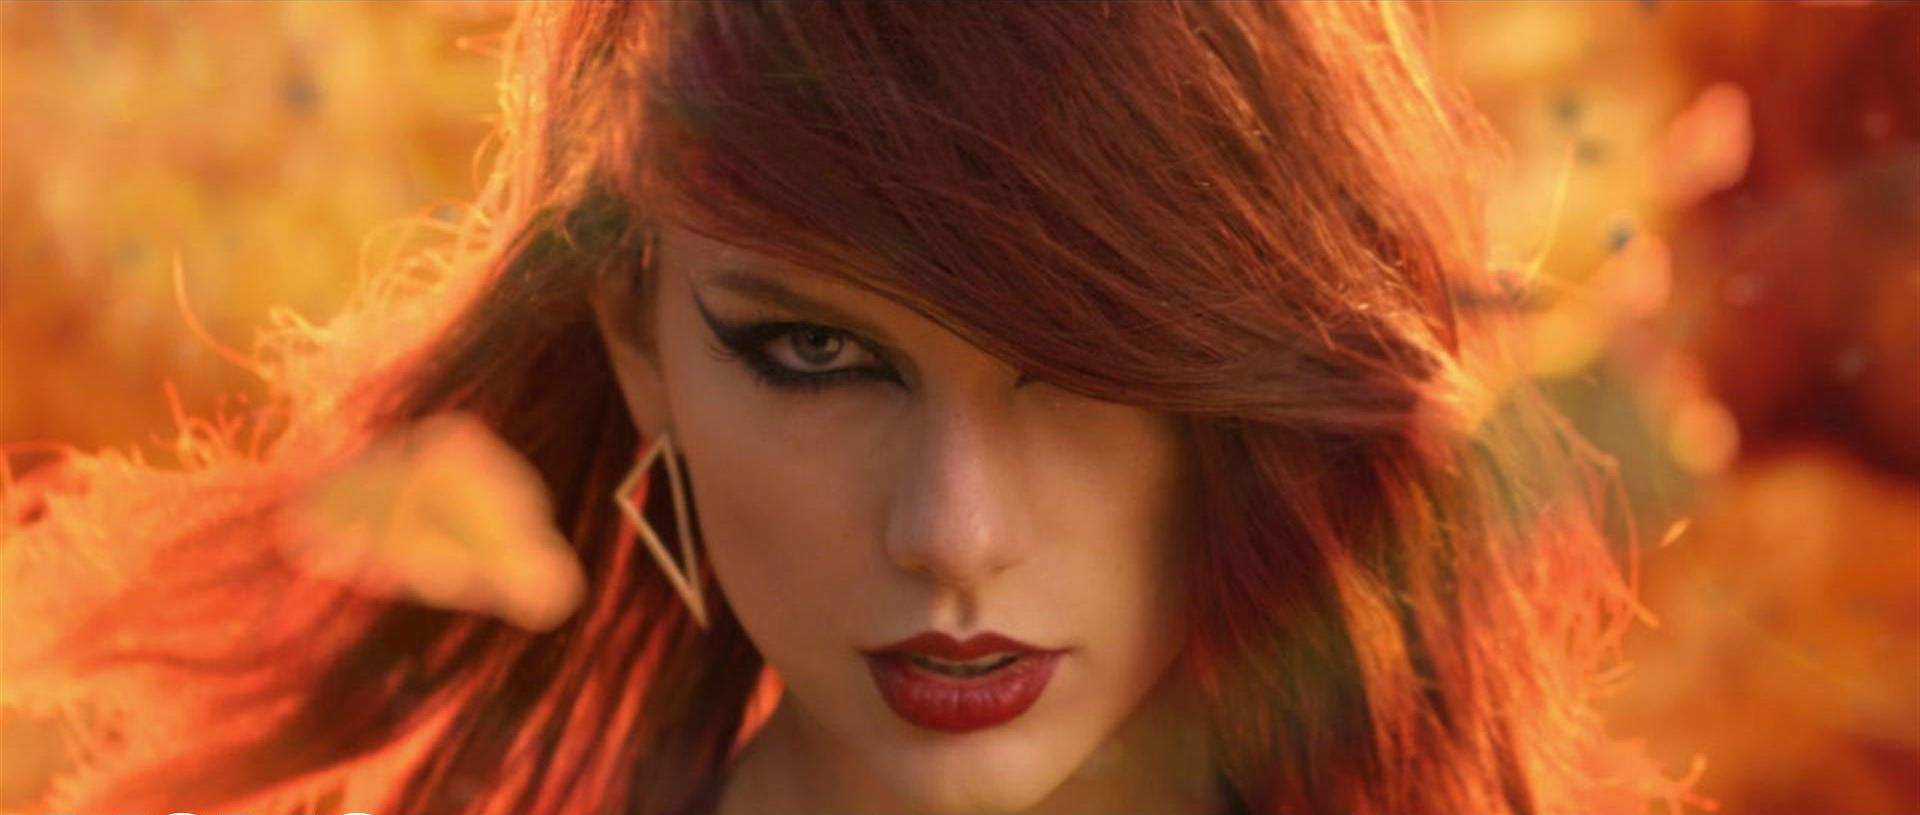 5. 2014 var et stærkt år for Taylor Swift, som samlede hele sit squad i den stort anlagte musikvideo til 'Bad Blood'. Men hvem var det nu egentlig, Swift havde 'Bad Blood' med i virkeligheden?